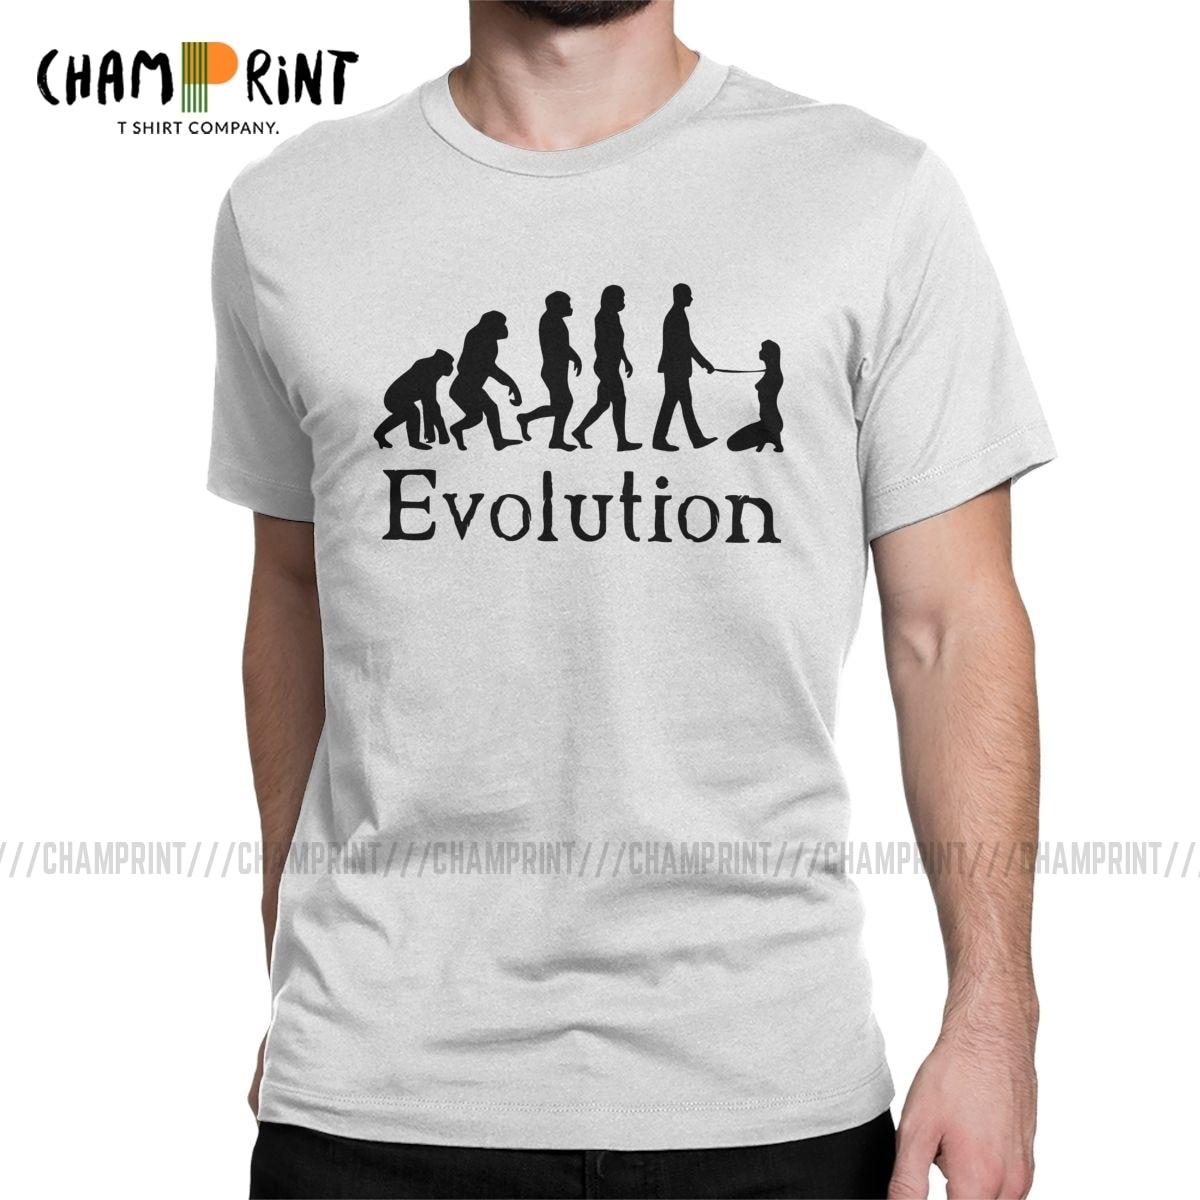 Мужская футболка с круглым вырезом и принтом, БДСМ, Доминант, эволюция, удавка, удавка